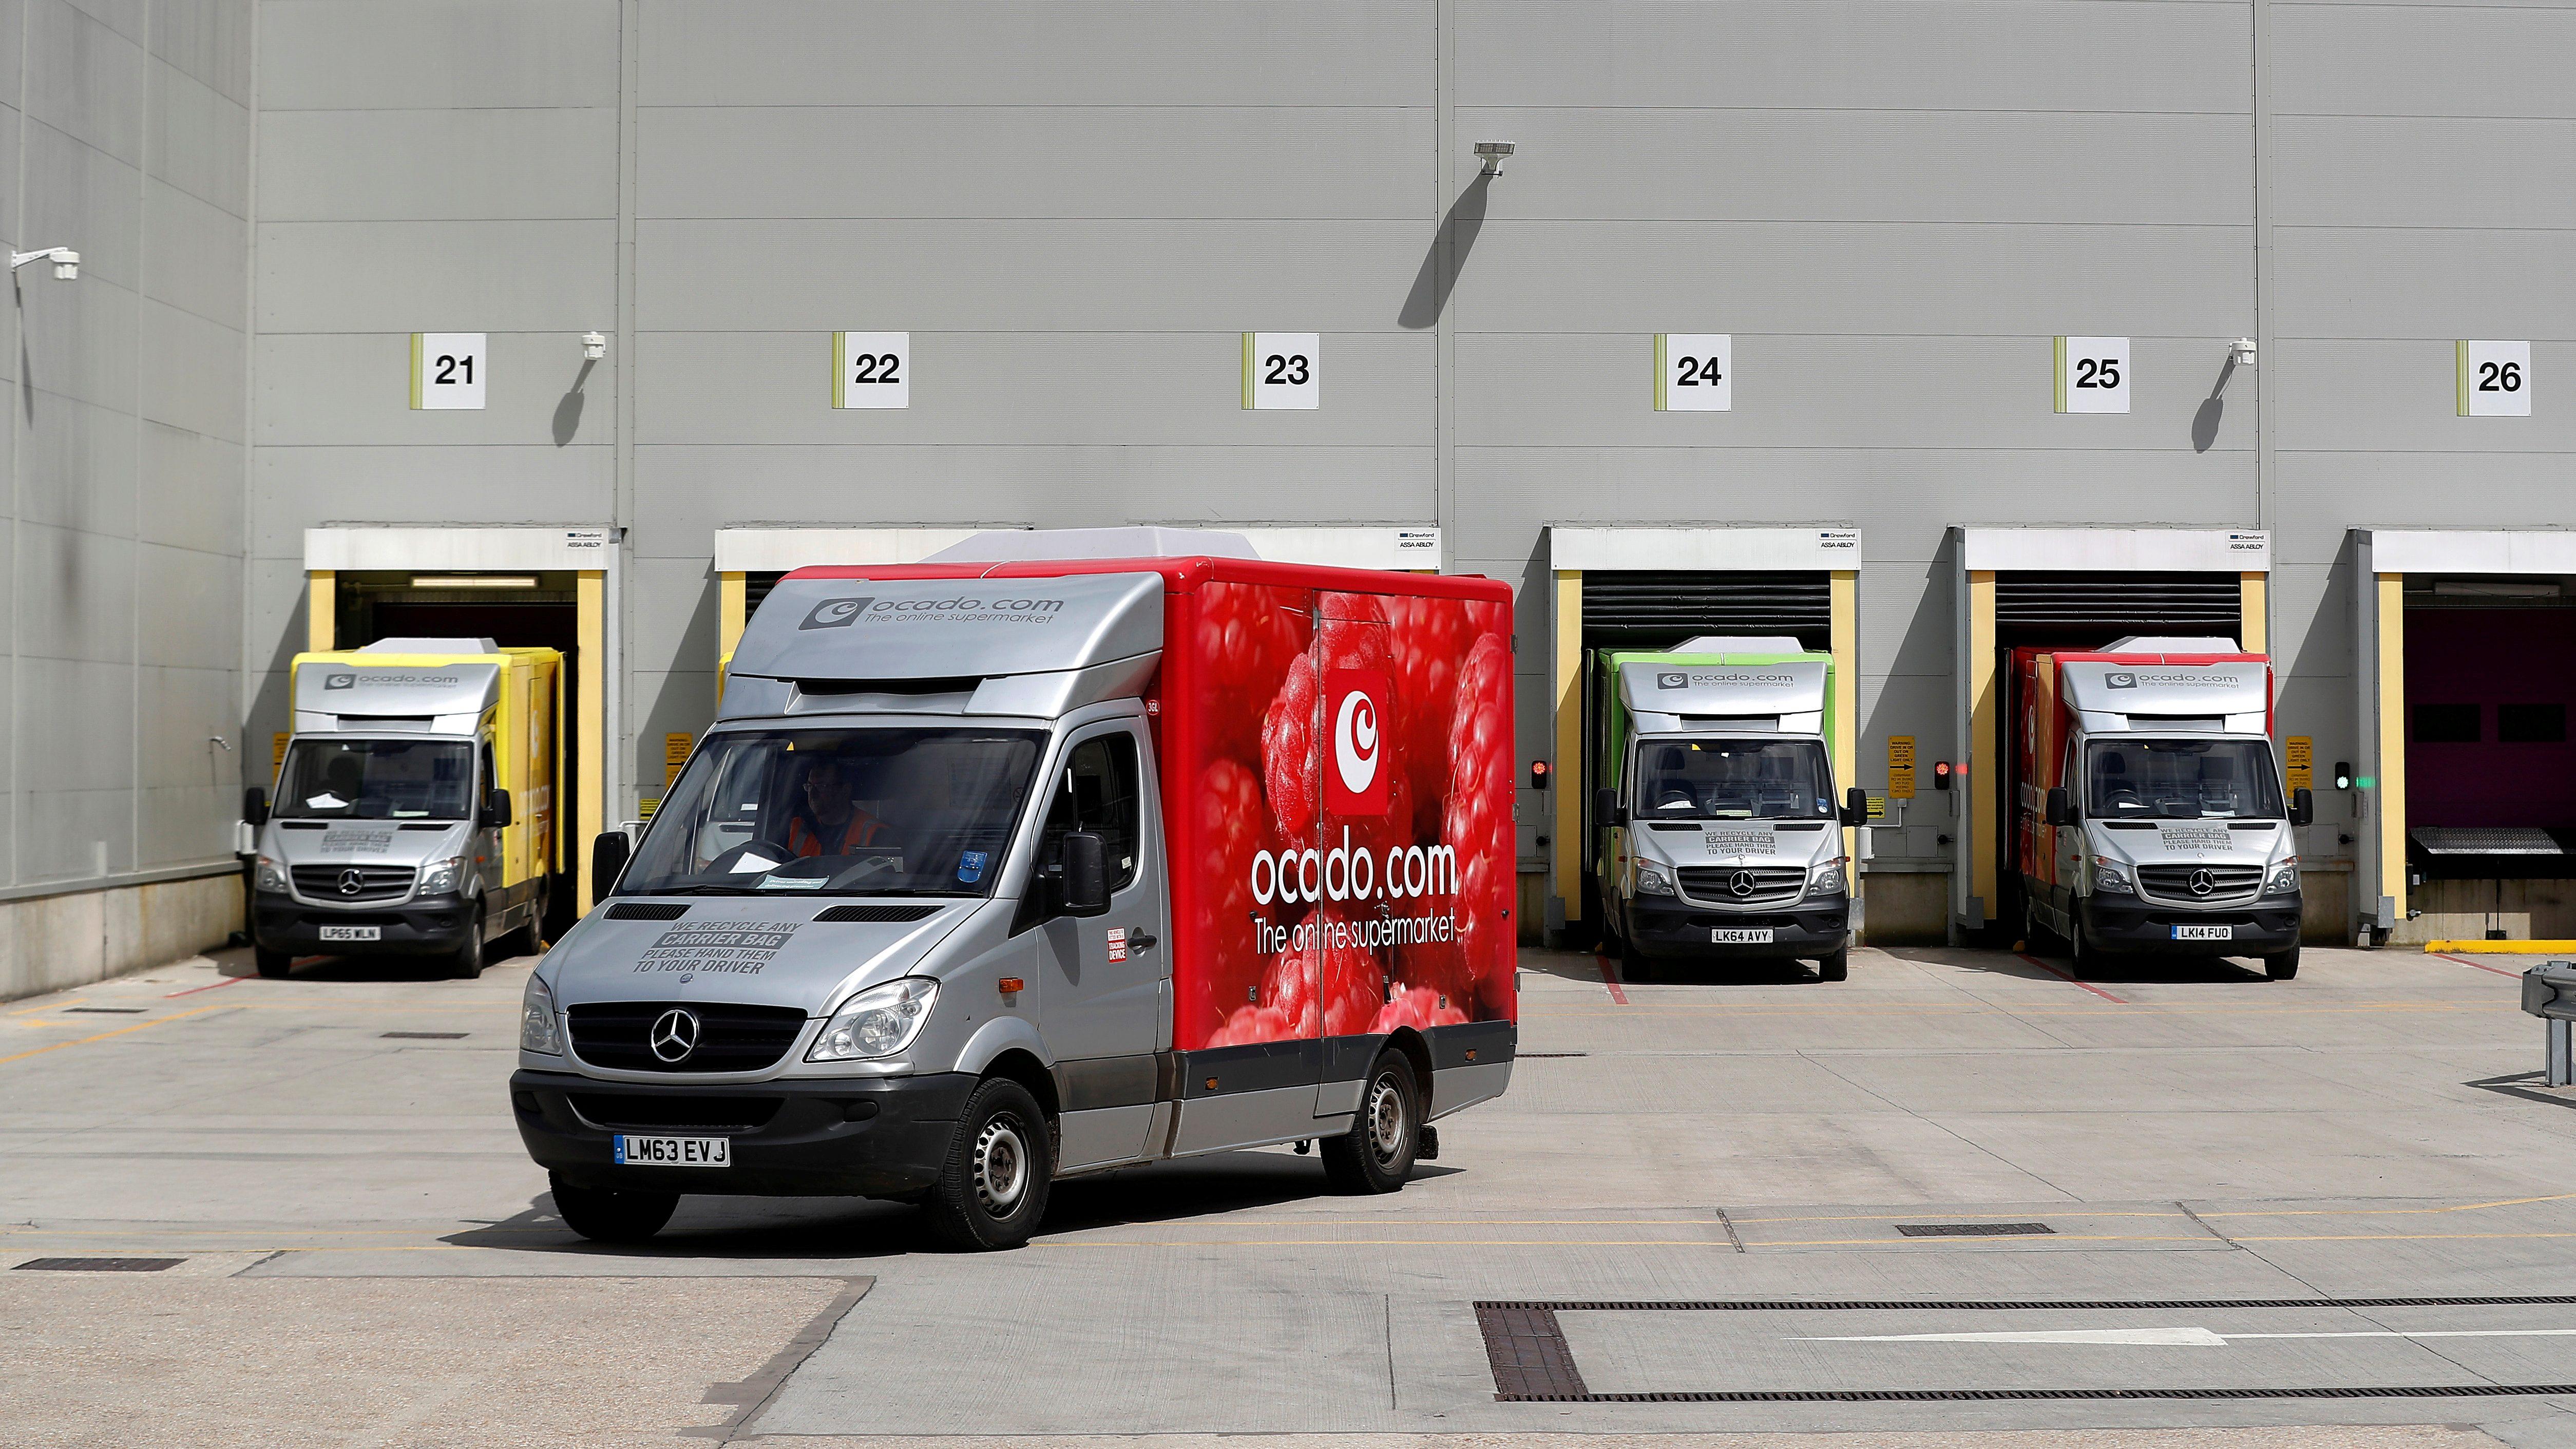 Ocado delivery trucks leave a facility.